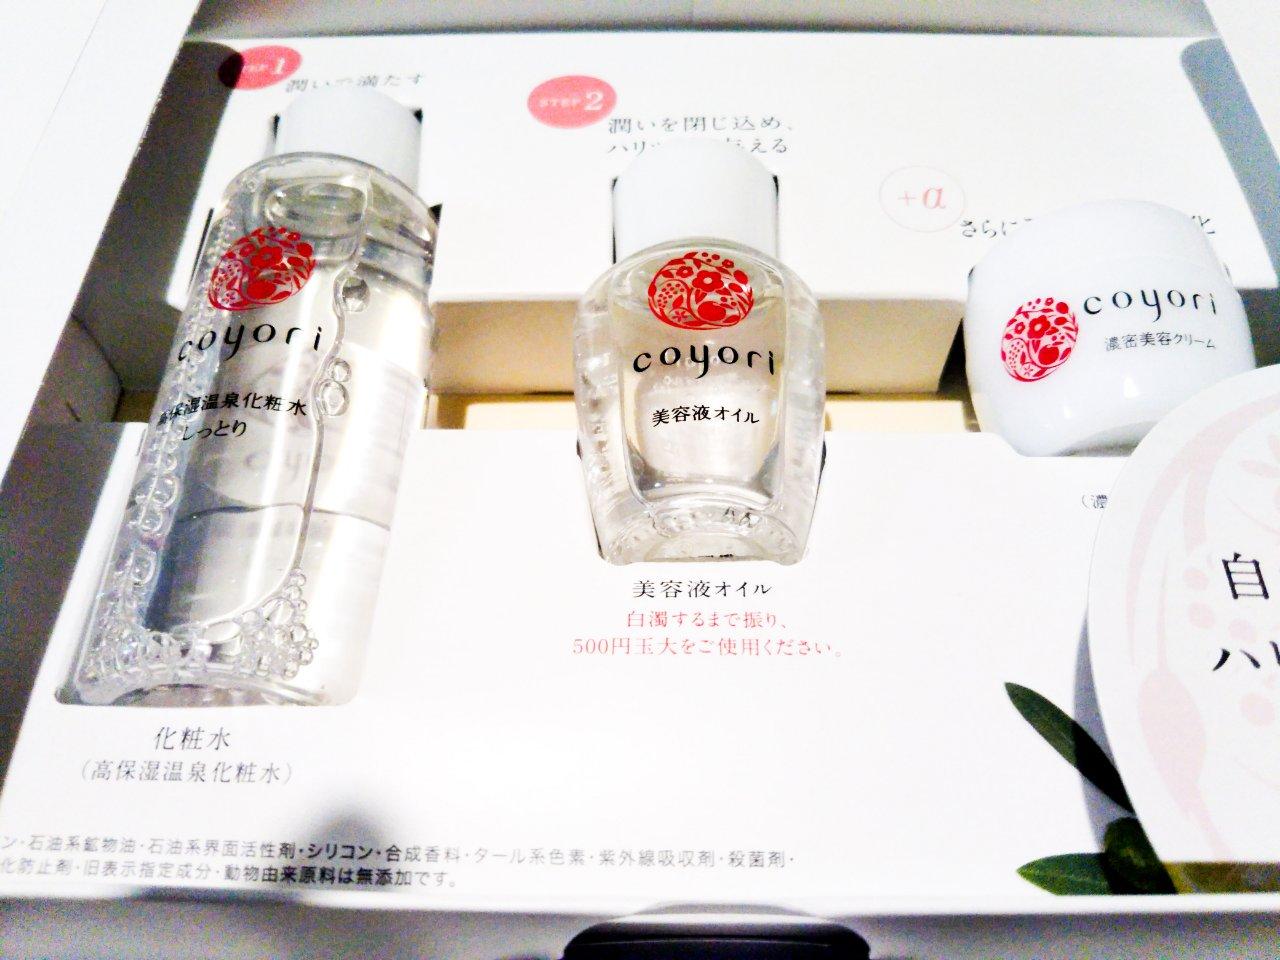 コヨリ (1)